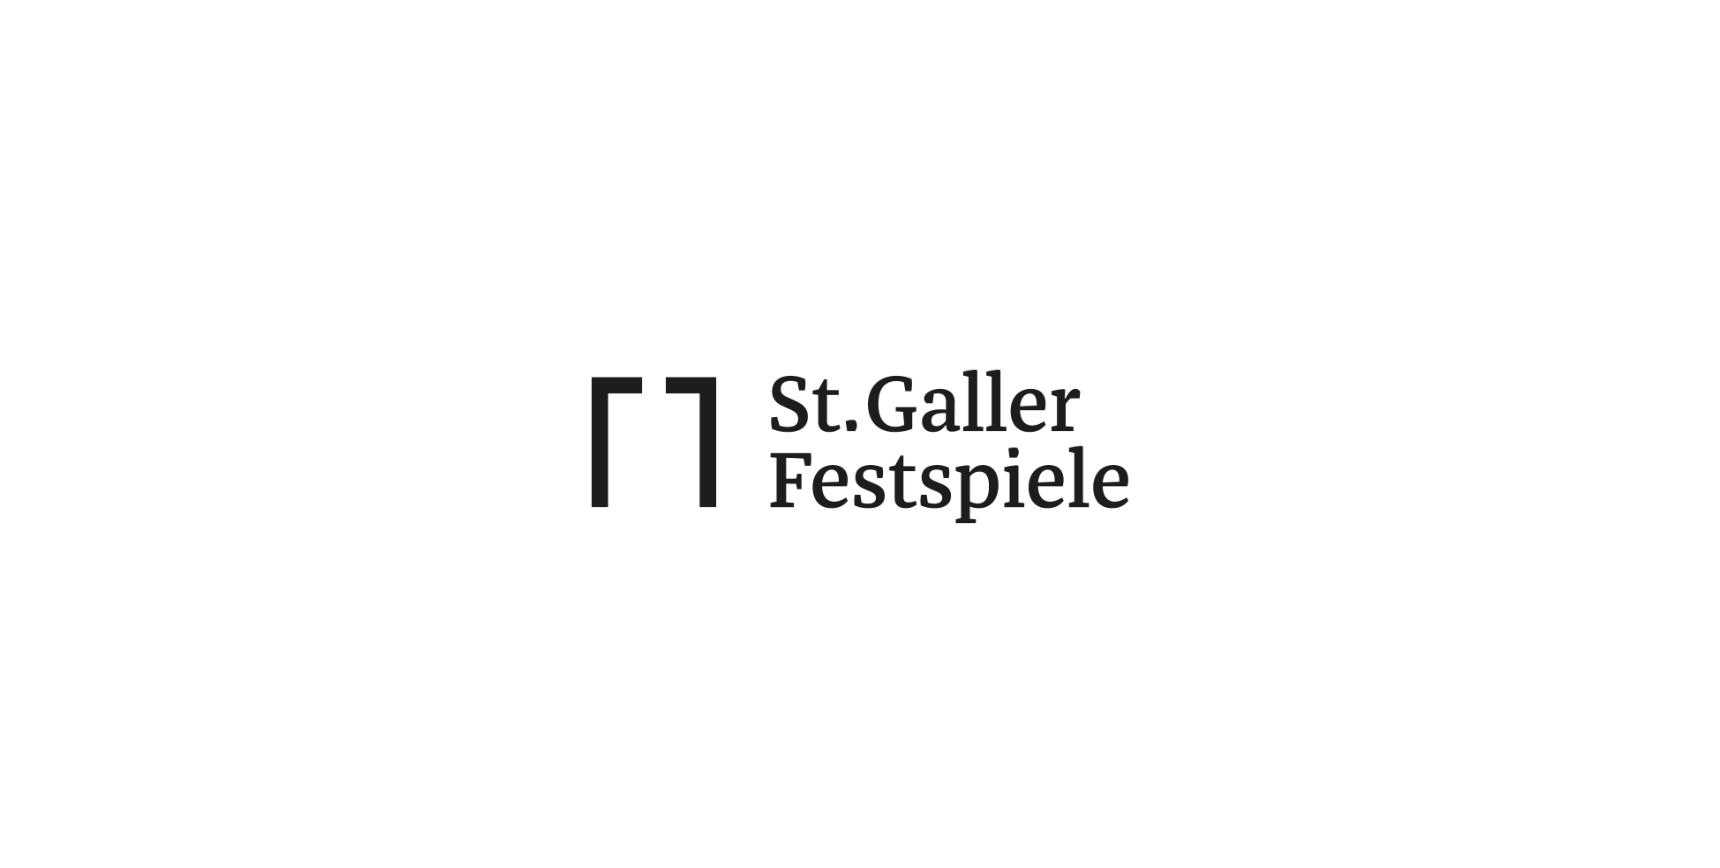 The Maid of Orleansat St.Gallen in 2022